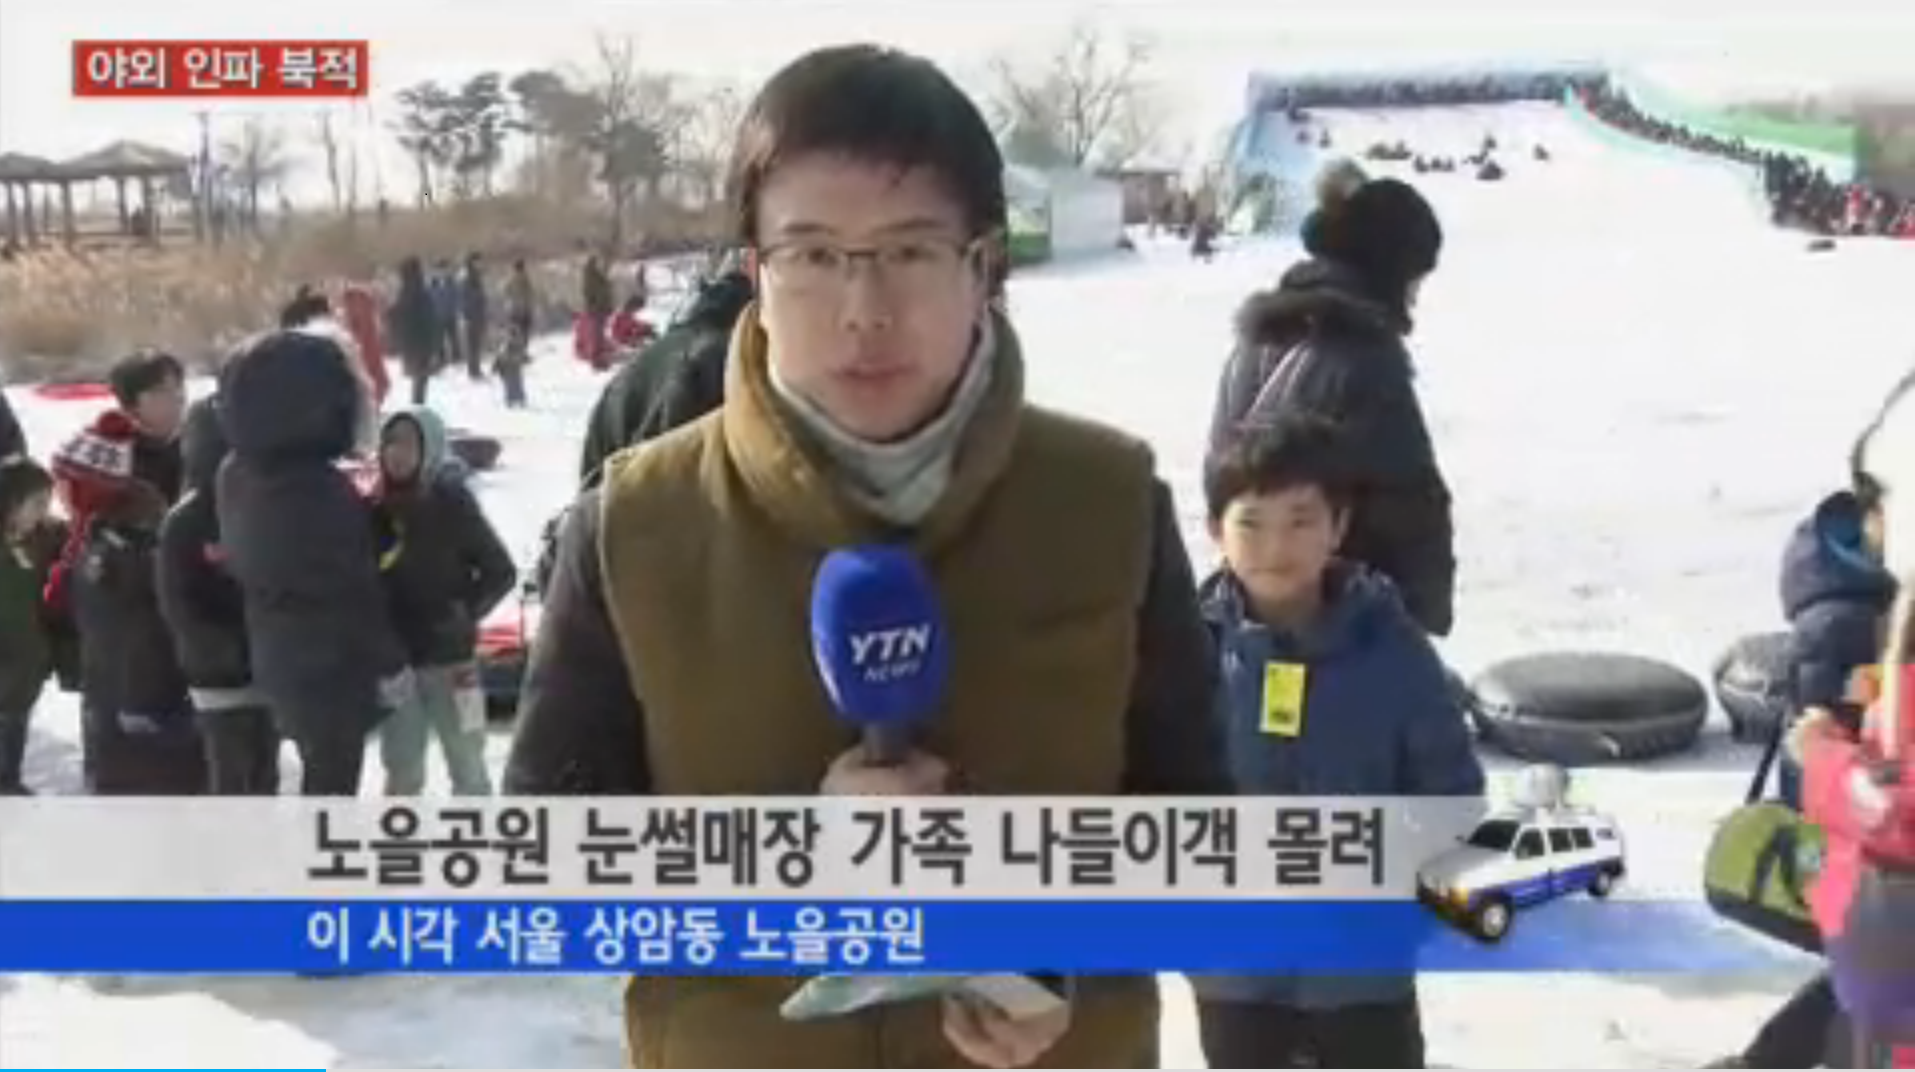 미세먼지 속 포근… 야외 행사장 북적! (2014.1.11) ⓒYTN